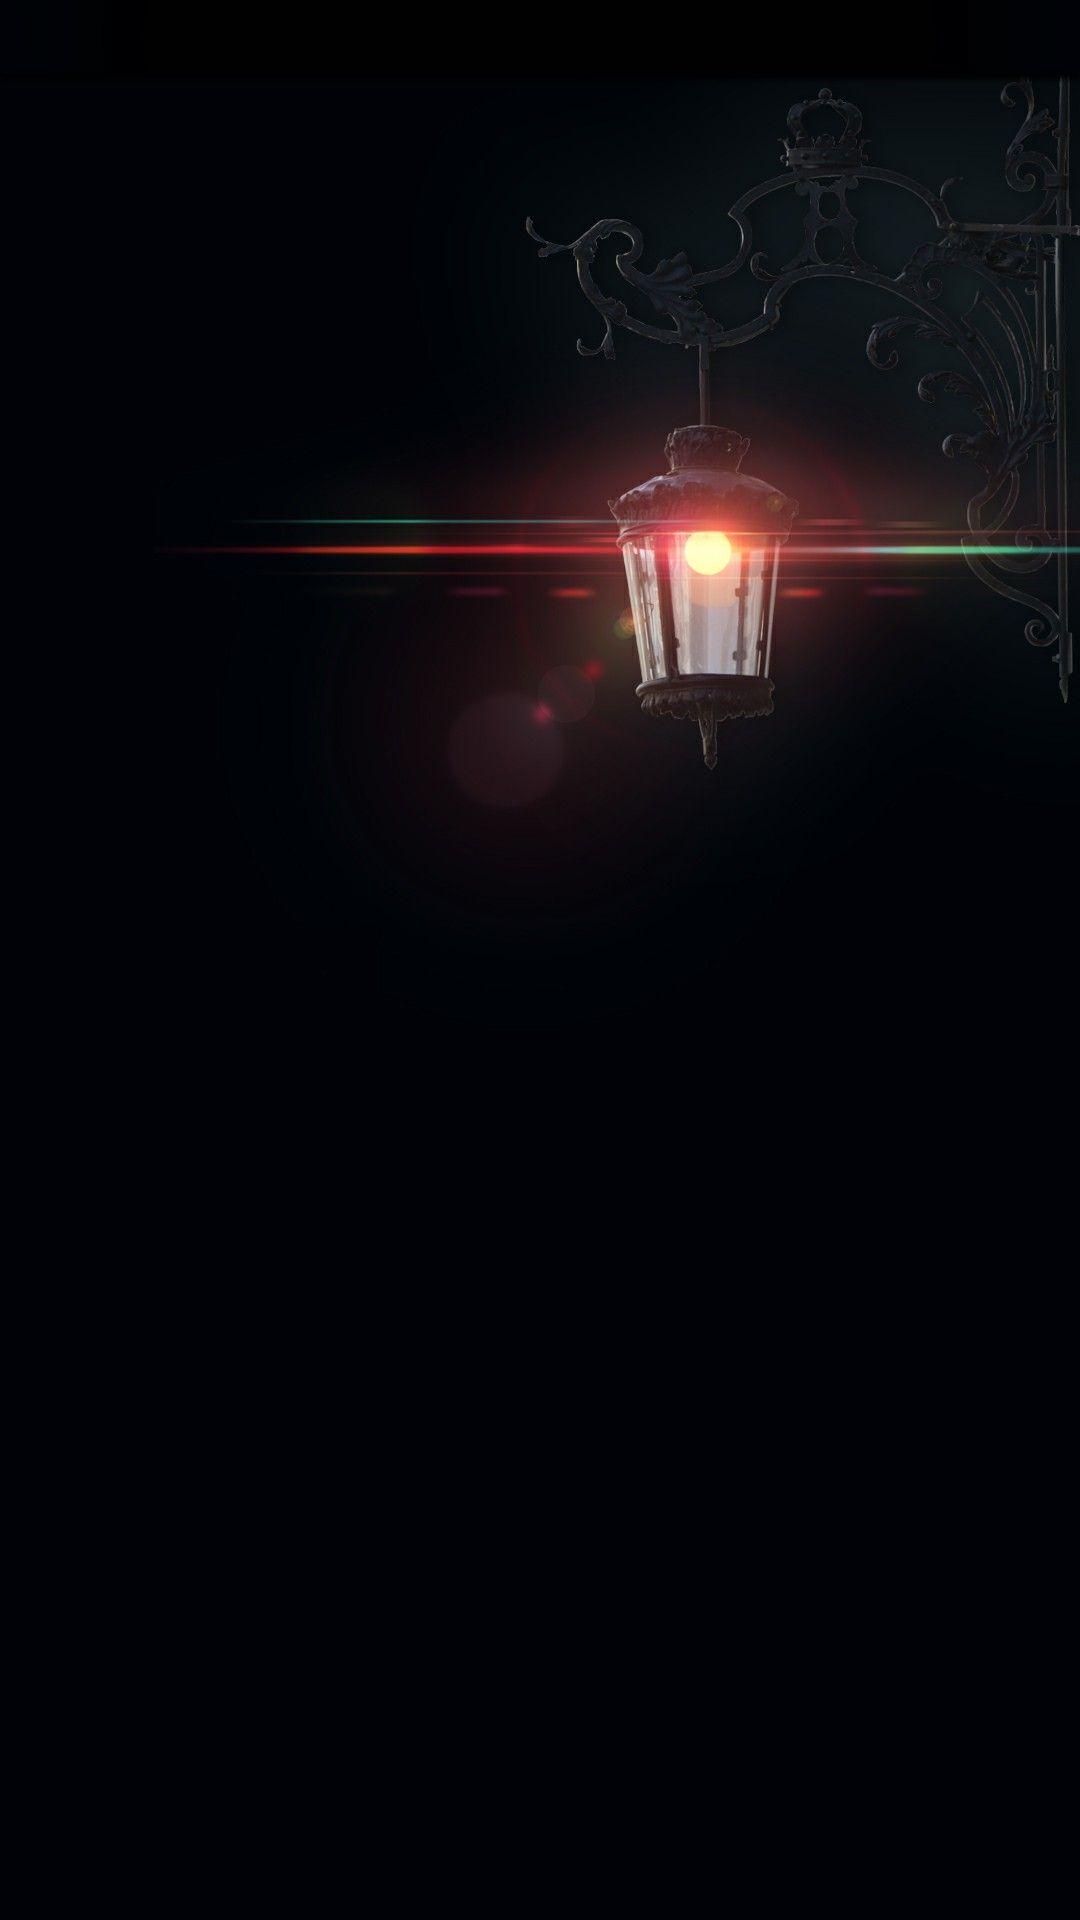 Hình nền tối full hd đẹp cho điện thoại